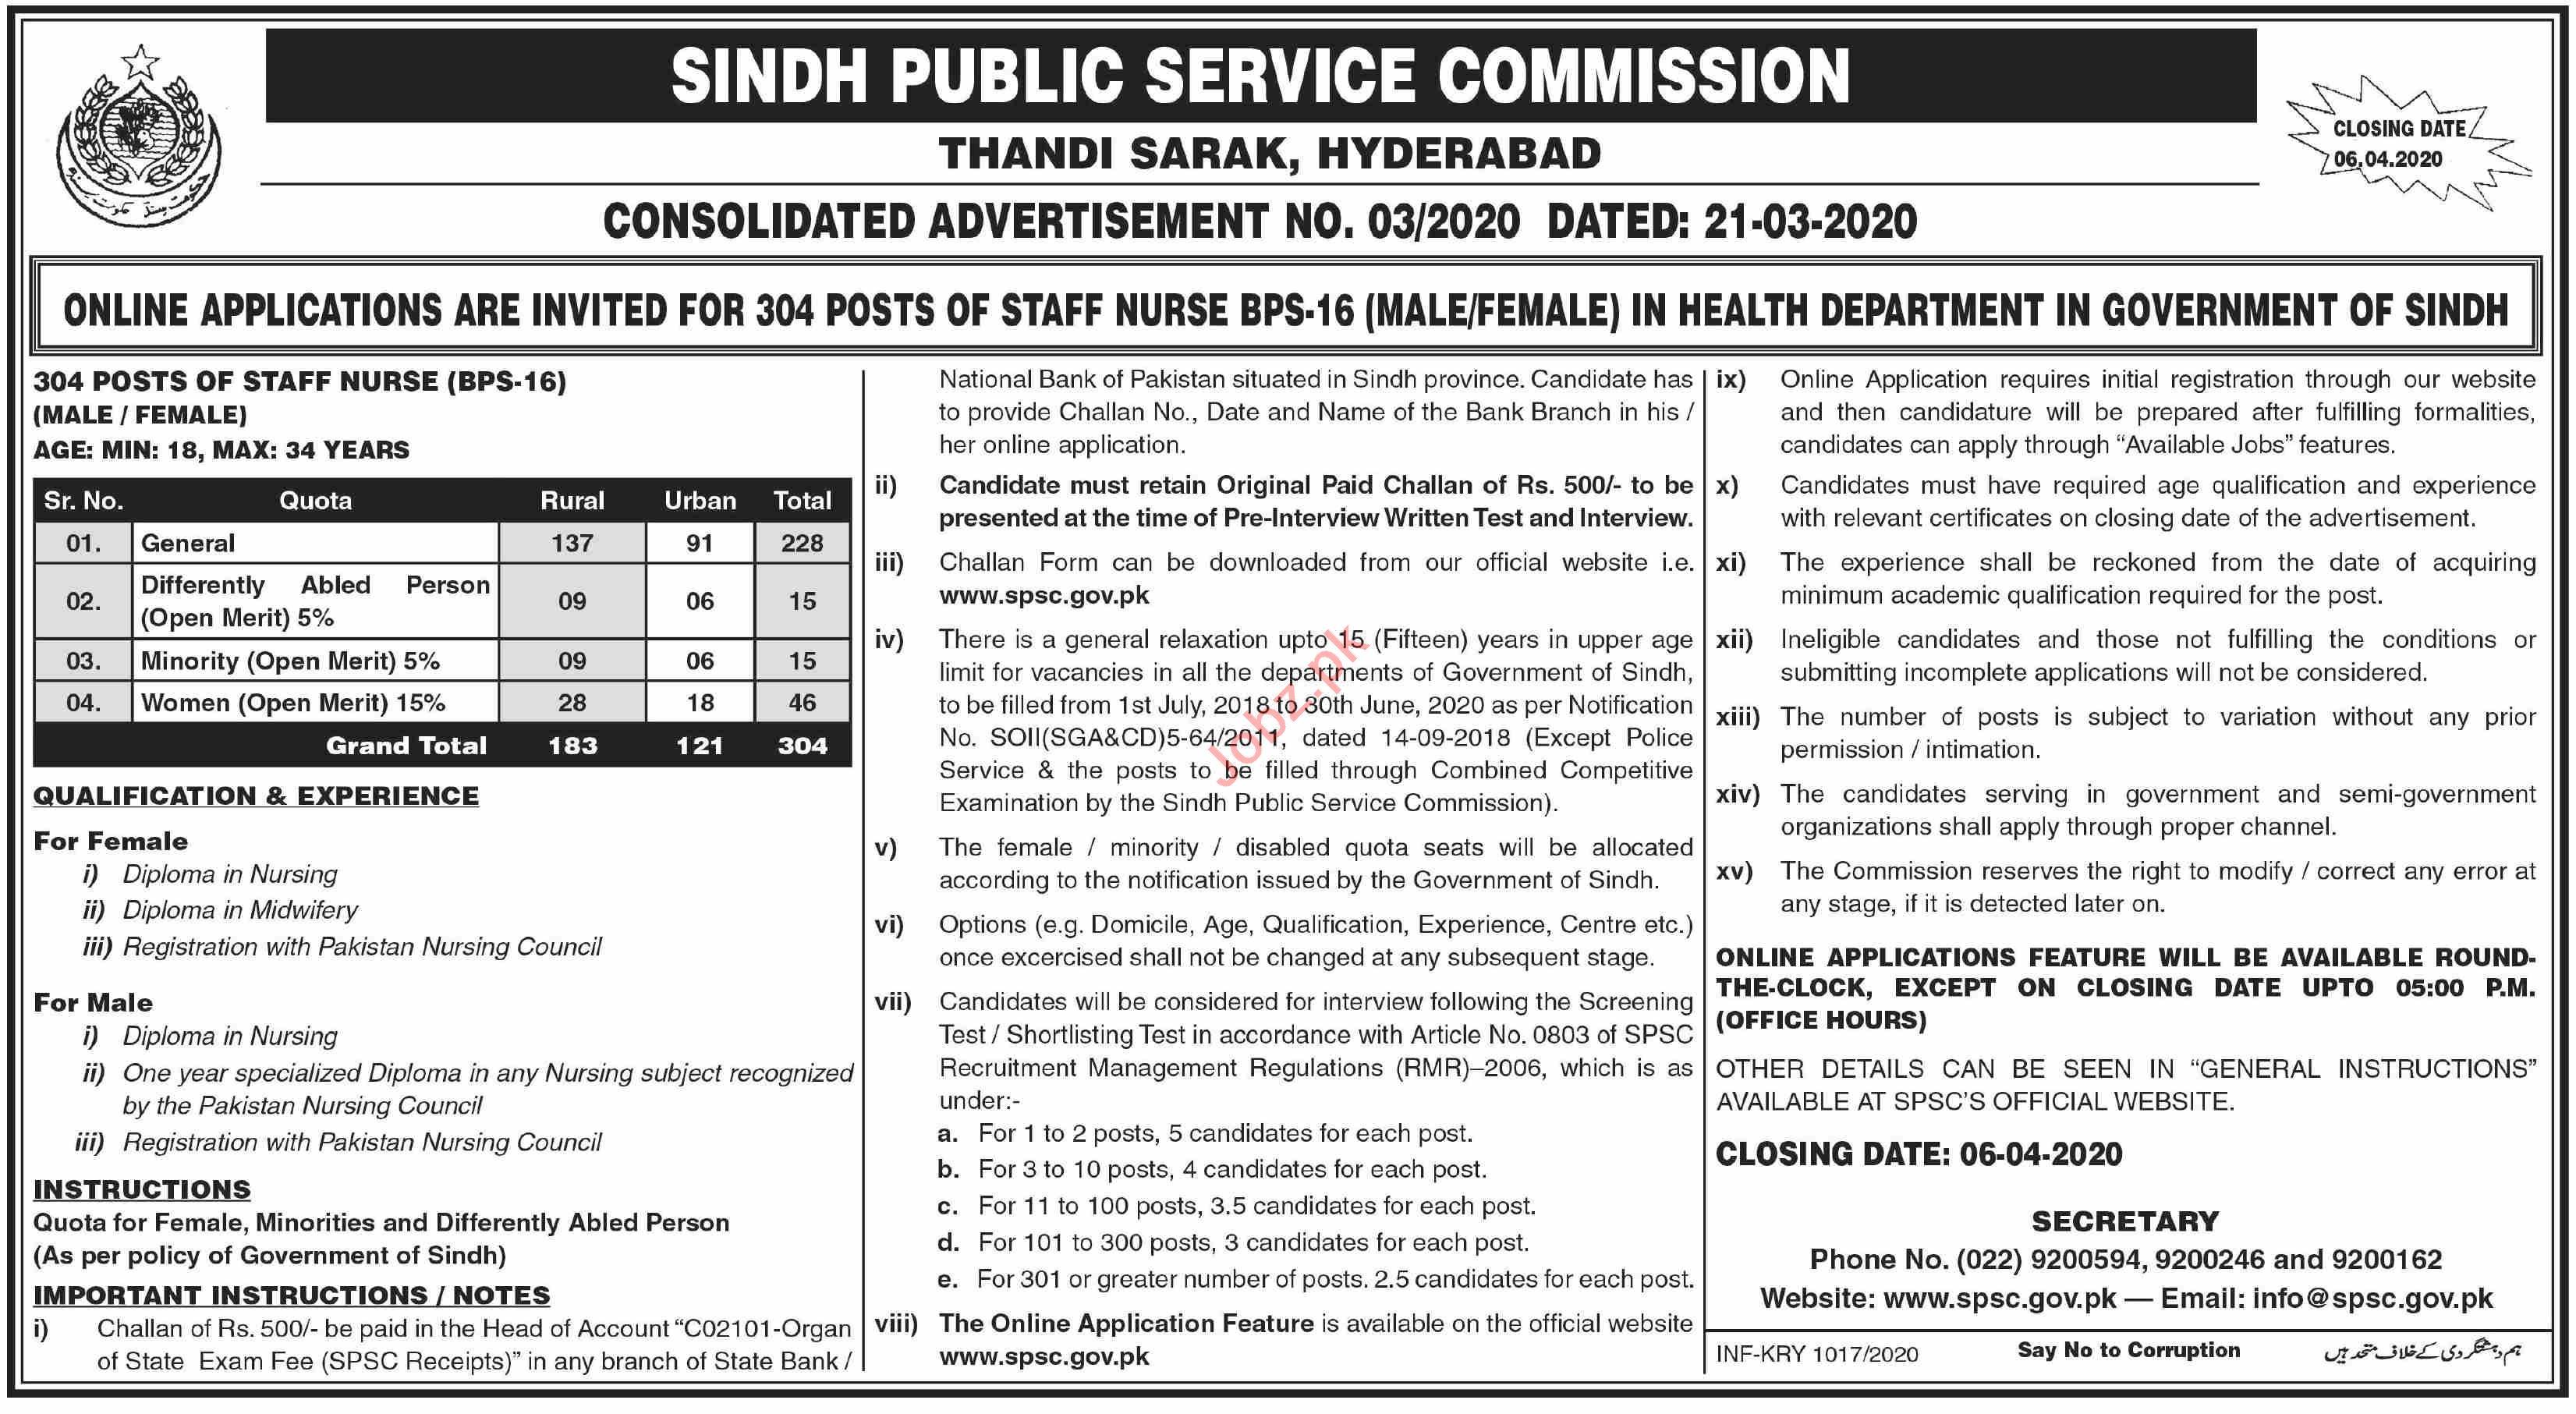 SPSC Sindh Public Service Commission Jobs 2020 for Nurses